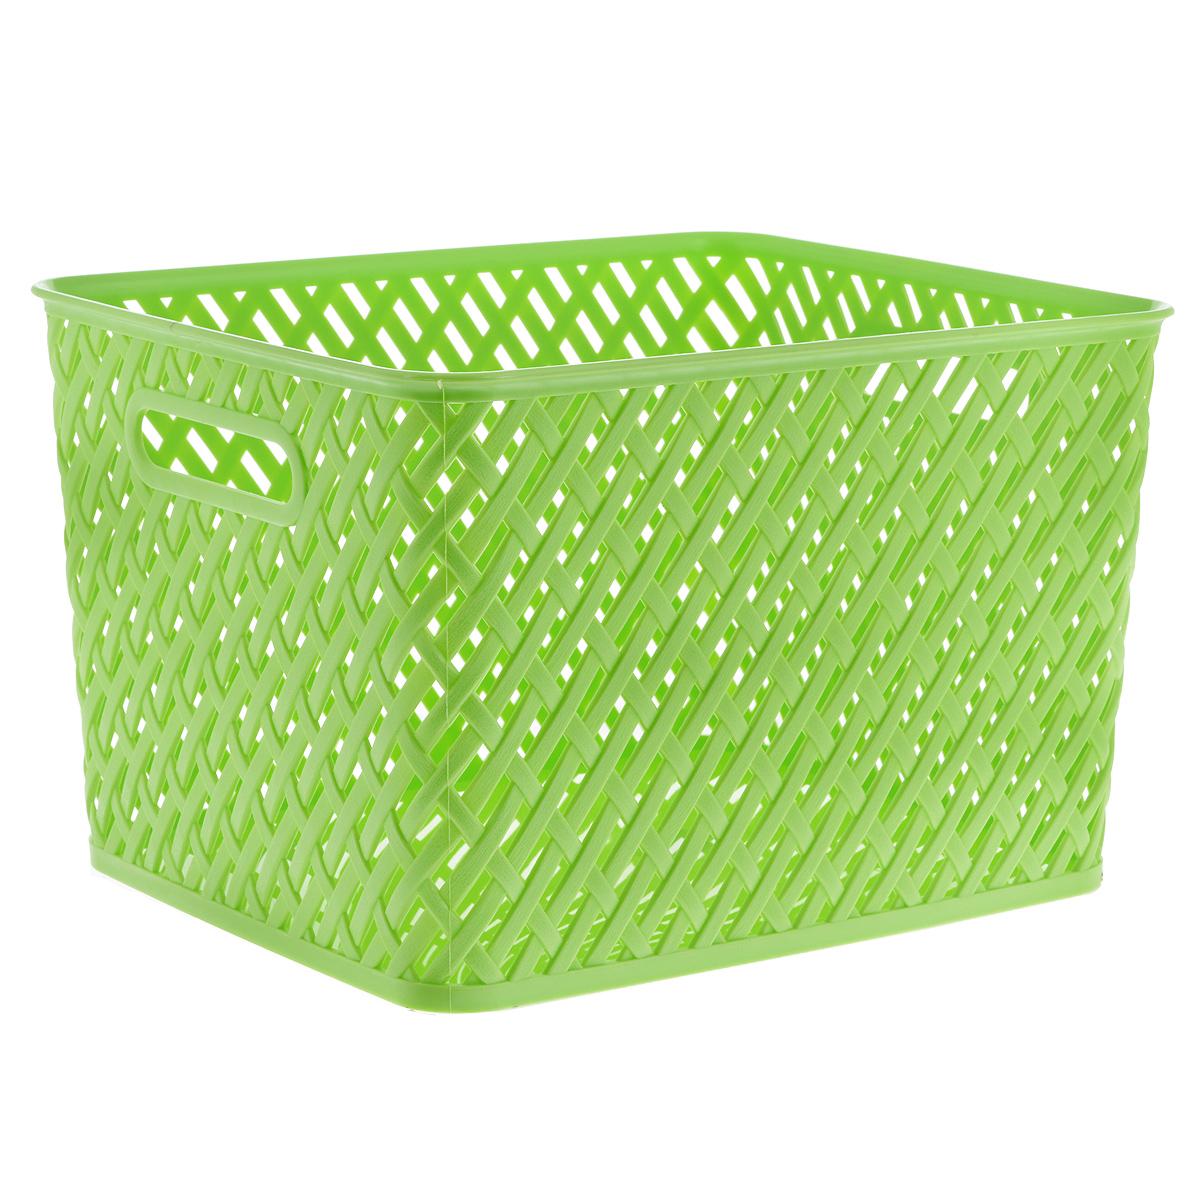 Корзина Альтернатива Плетенка, цвет: салатовый, 35 х 29 х 22,5 смМ3492Прямоугольная корзина Плетенка изготовлена из высококачественного пластика и декорирована перфорацией. Она предназначена для хранения различных мелочей дома или на даче. Позволяет хранить мелкие вещи, исключая возможность их потери. Корзина очень вместительная. Элегантный выдержанный дизайн позволяет органично вписаться в ваш интерьер и стать его элементом.